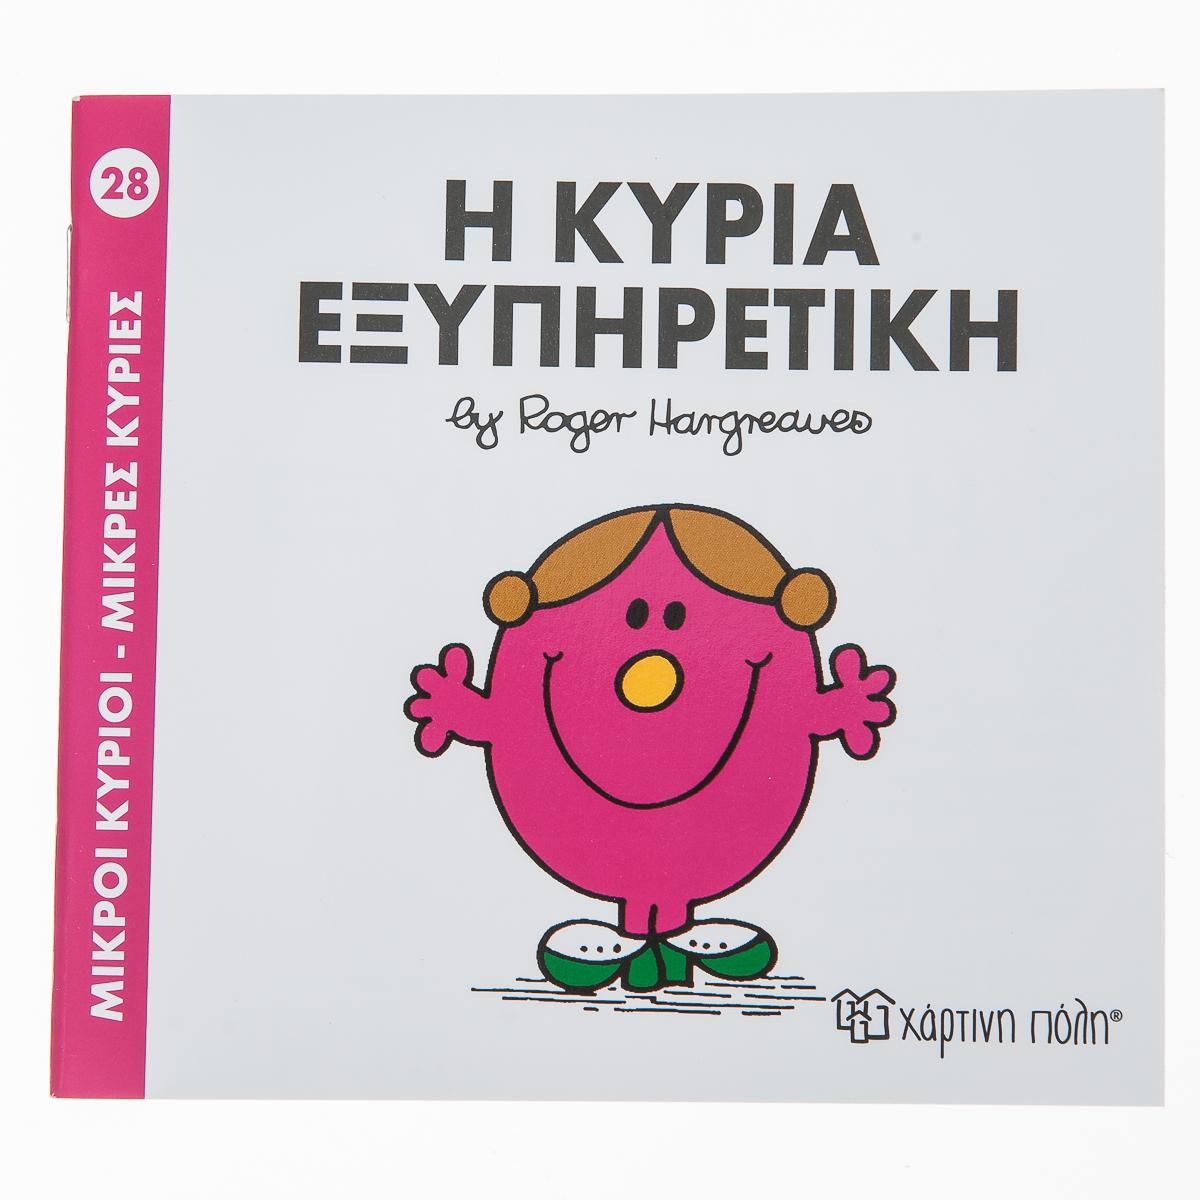 Βιβλίο Η Κυρία Εξυπηρετική 00011450 - MULTICOLOR - 3607-0043/3/196/95